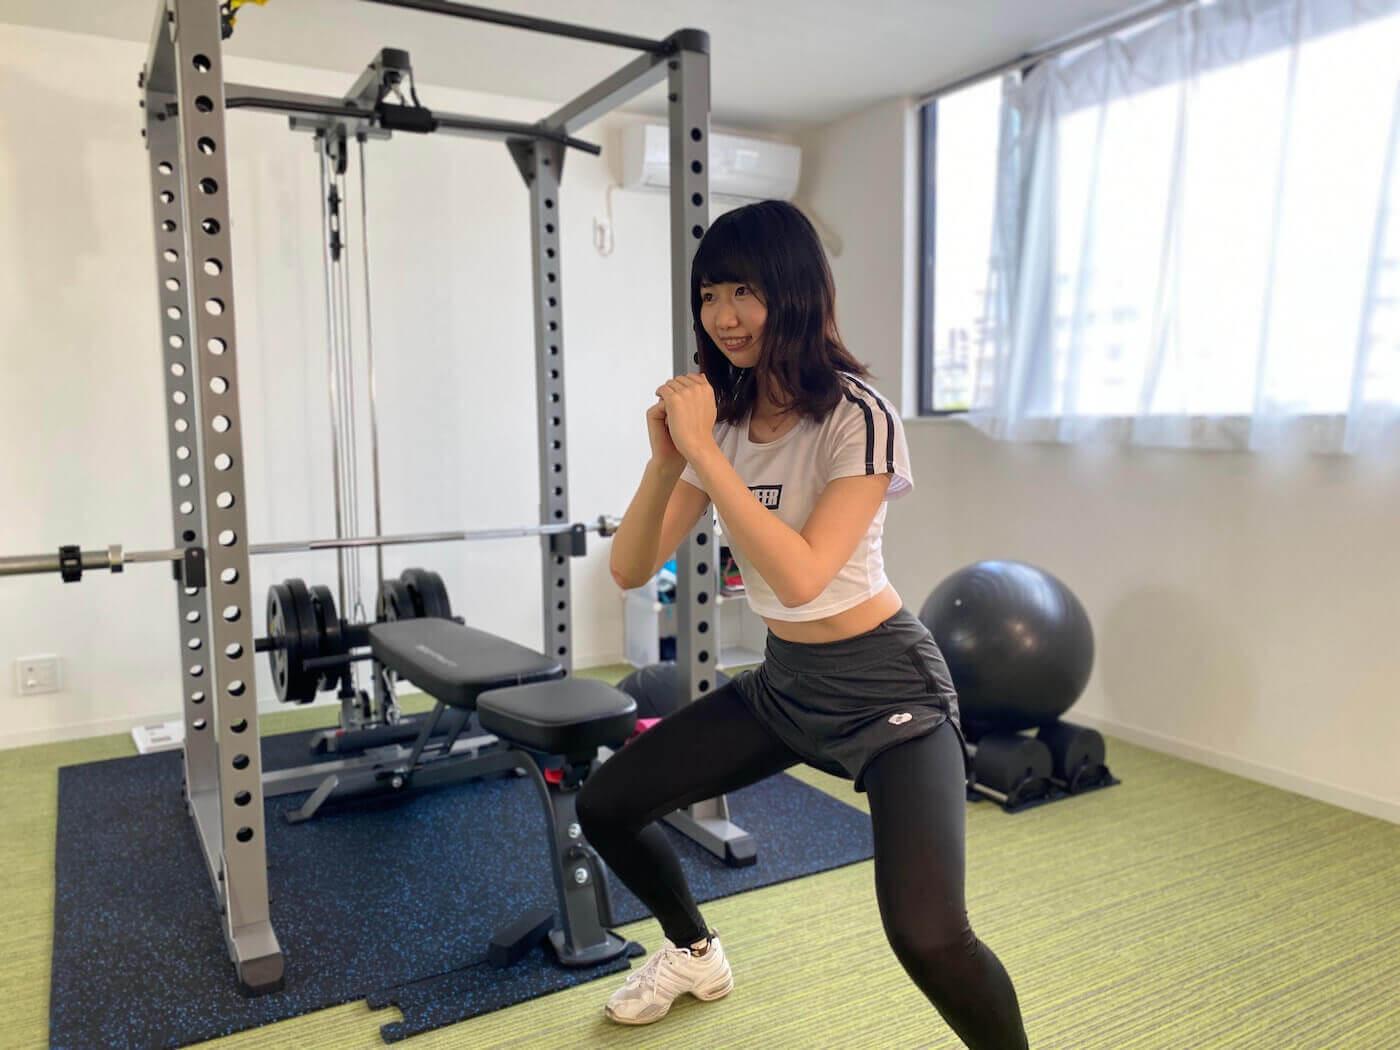 江坂パーソナルジムトレミー特典、体の不調にパーソナルトレーニング